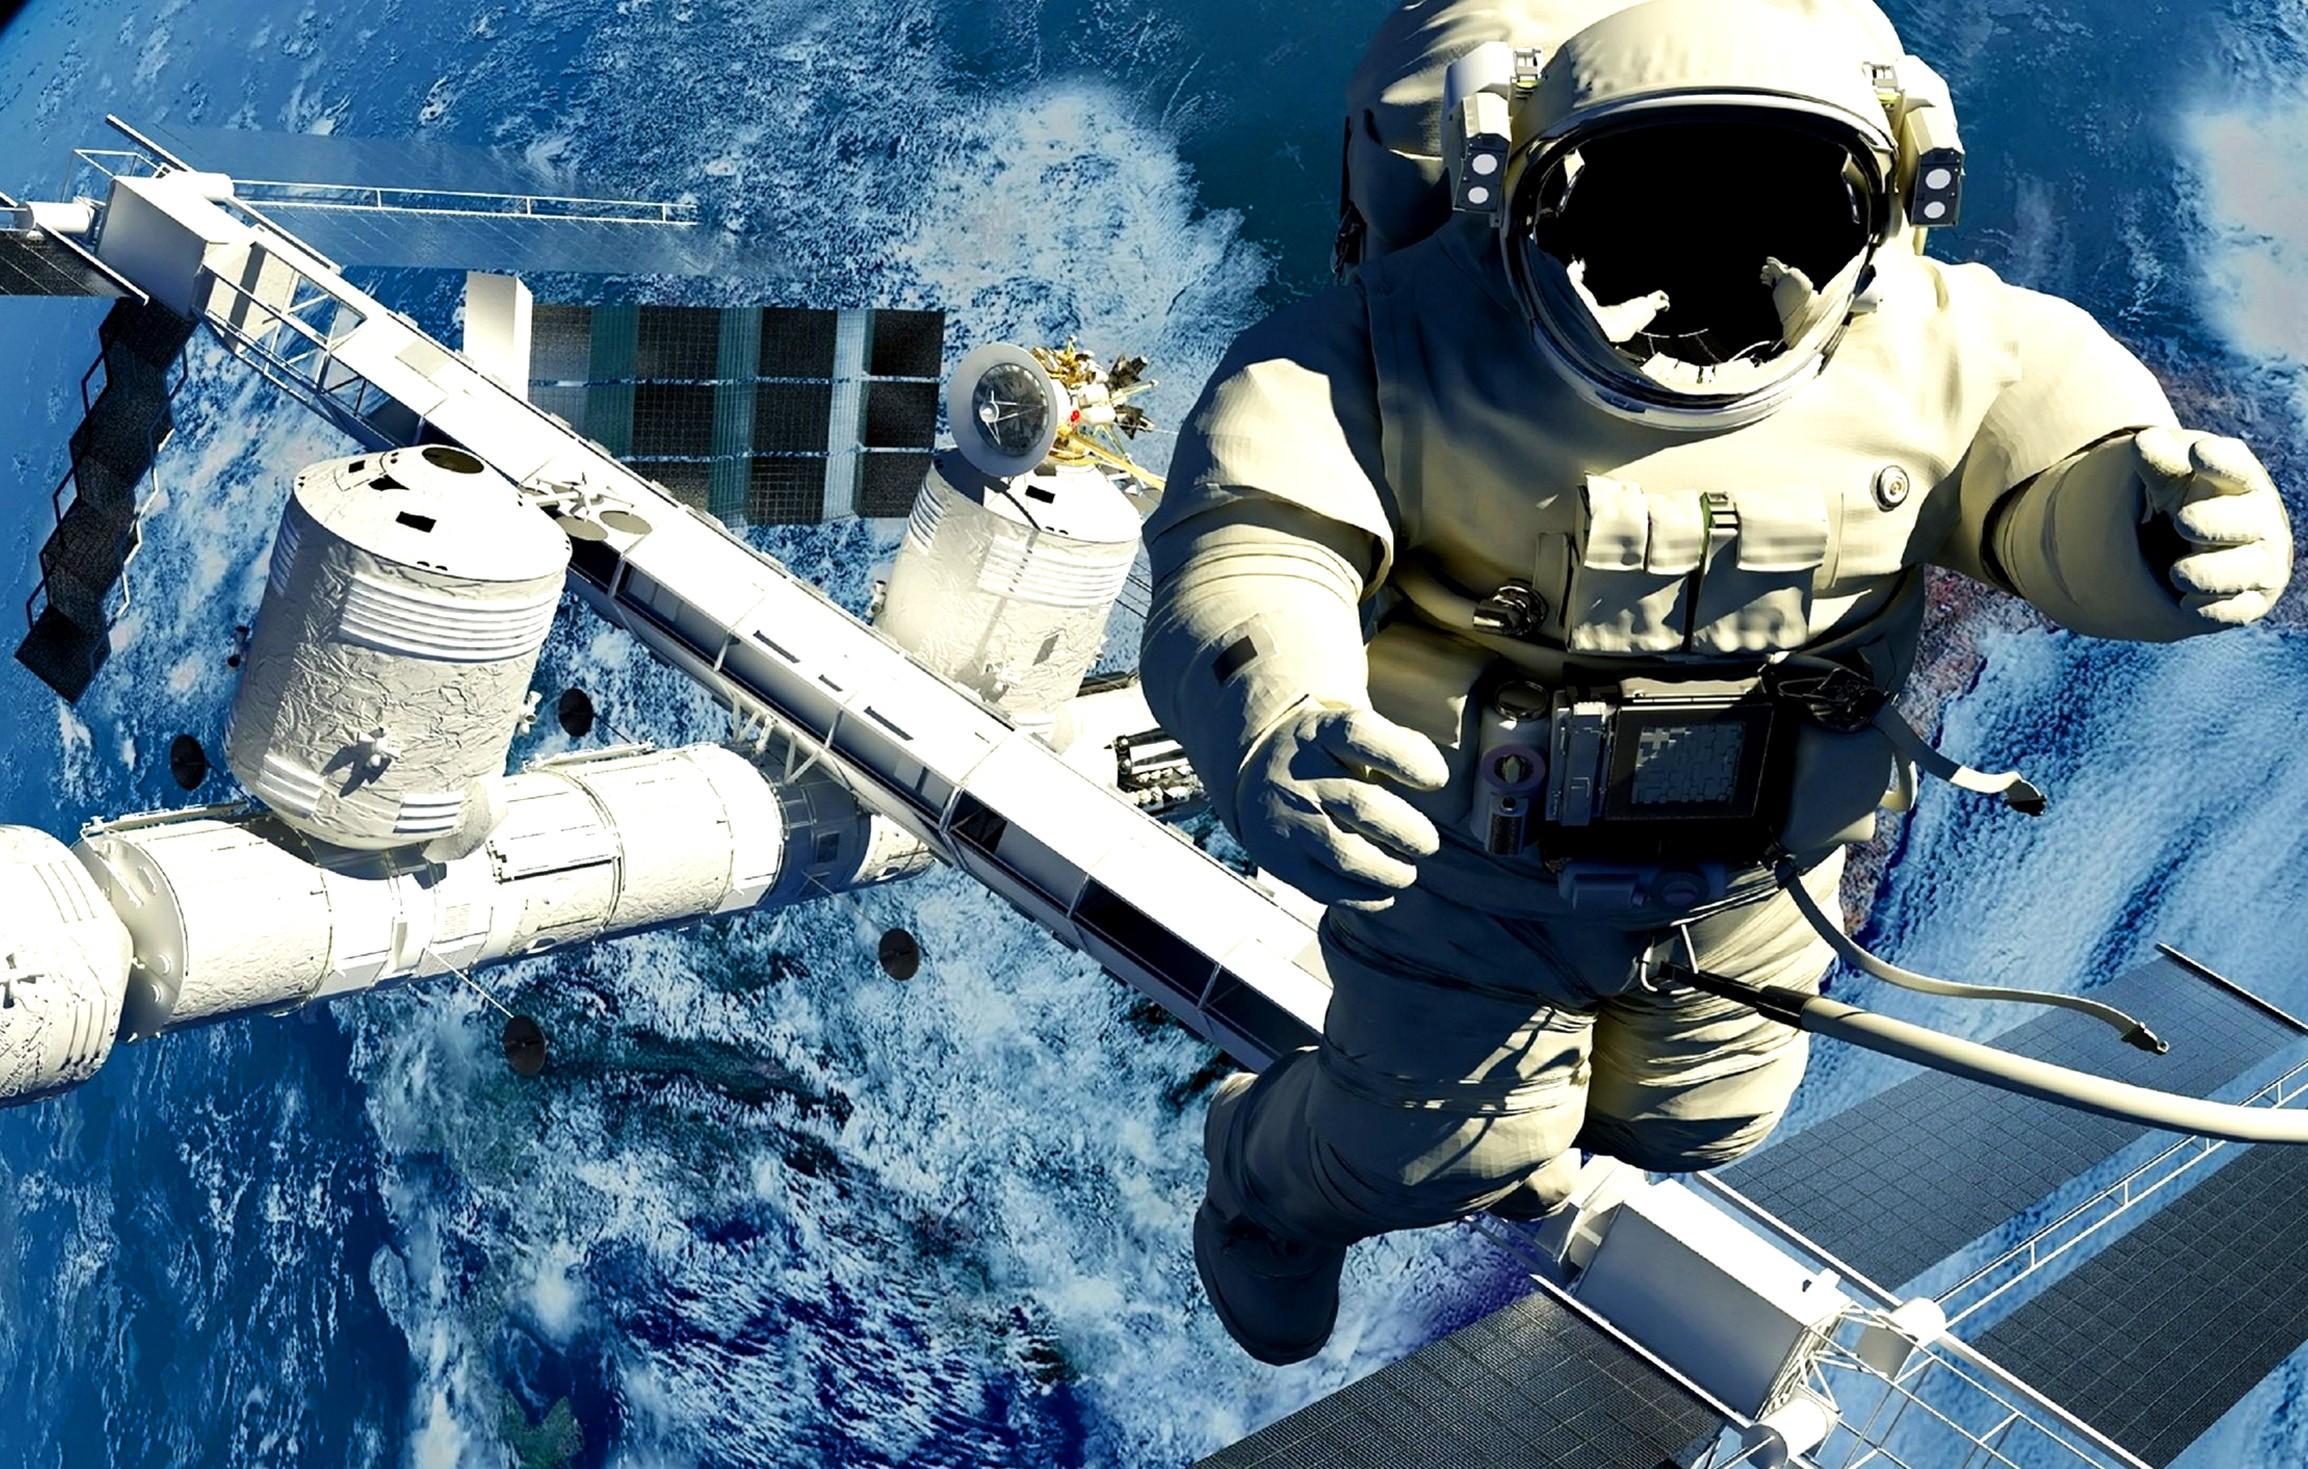 Может ли космонавт сам надеть скафандр?